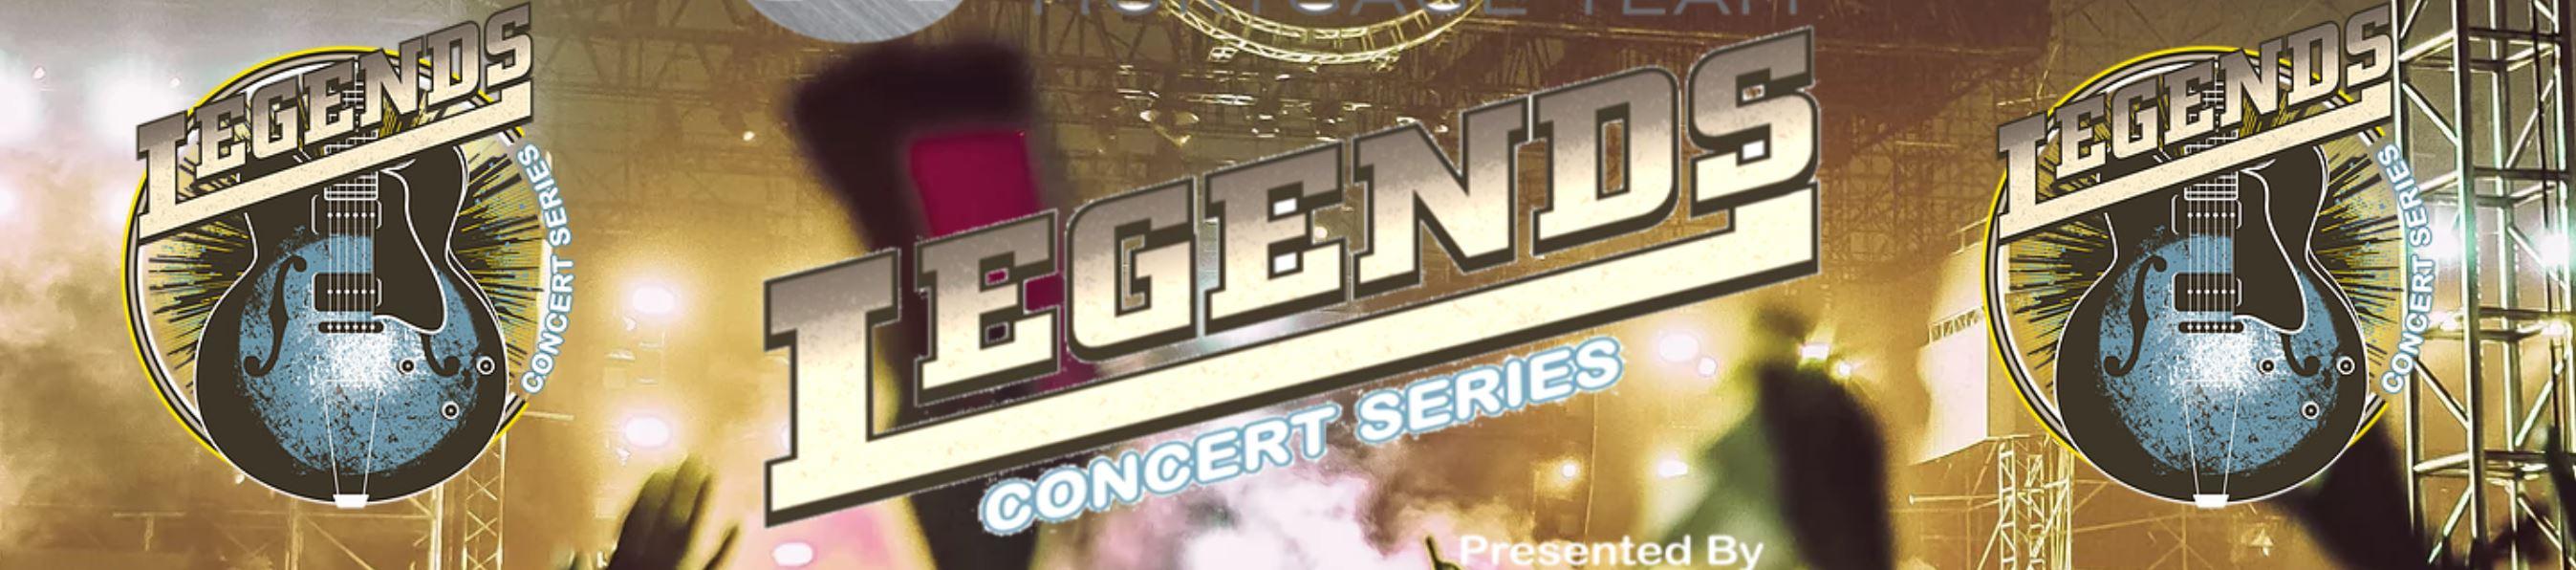 Legends Concet Series Sugden Park Naples Gold Sponsor 239RealEstateDeals.Com LLC Barry Hoey Broker Owner Hoey Team